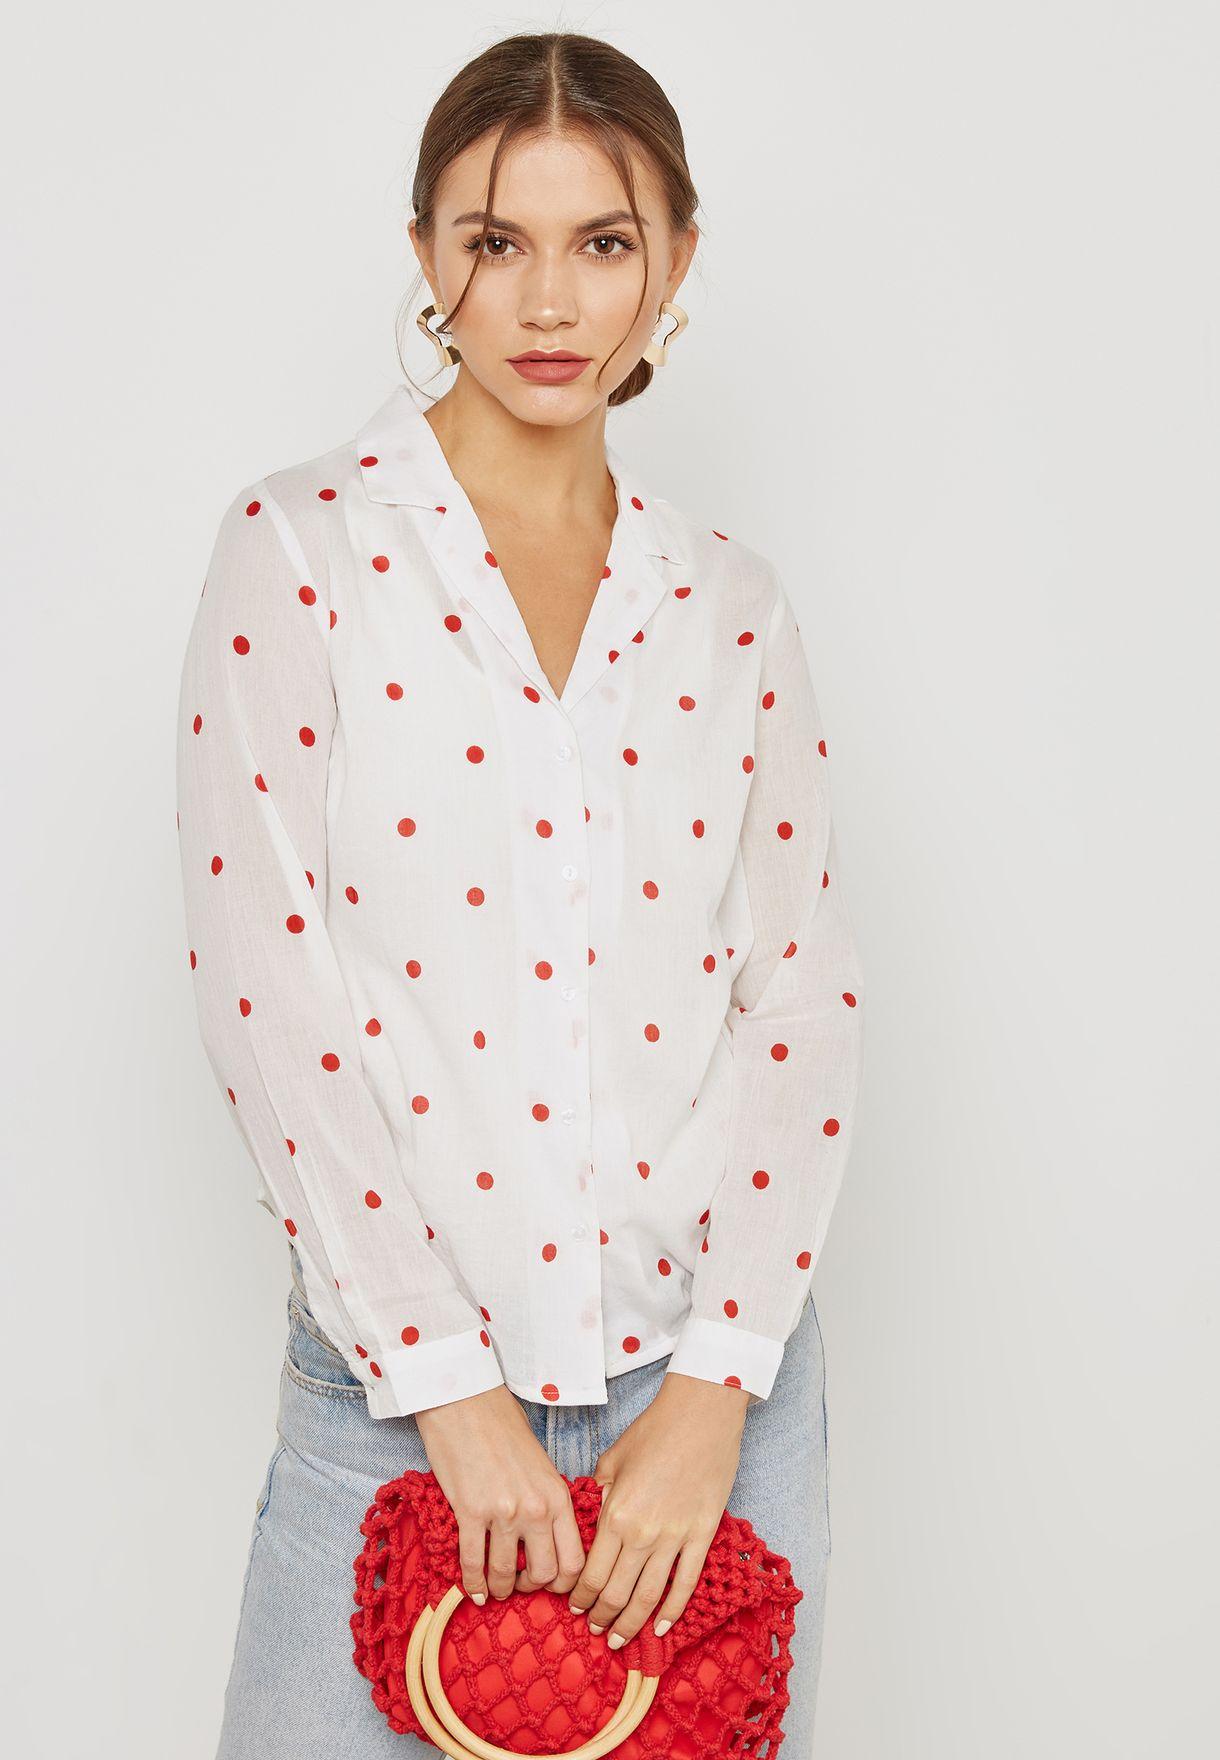 a37ac7195d3652 Shop Ichi white Polka Dot Shirt 20105987 for Women in Bahrain ...